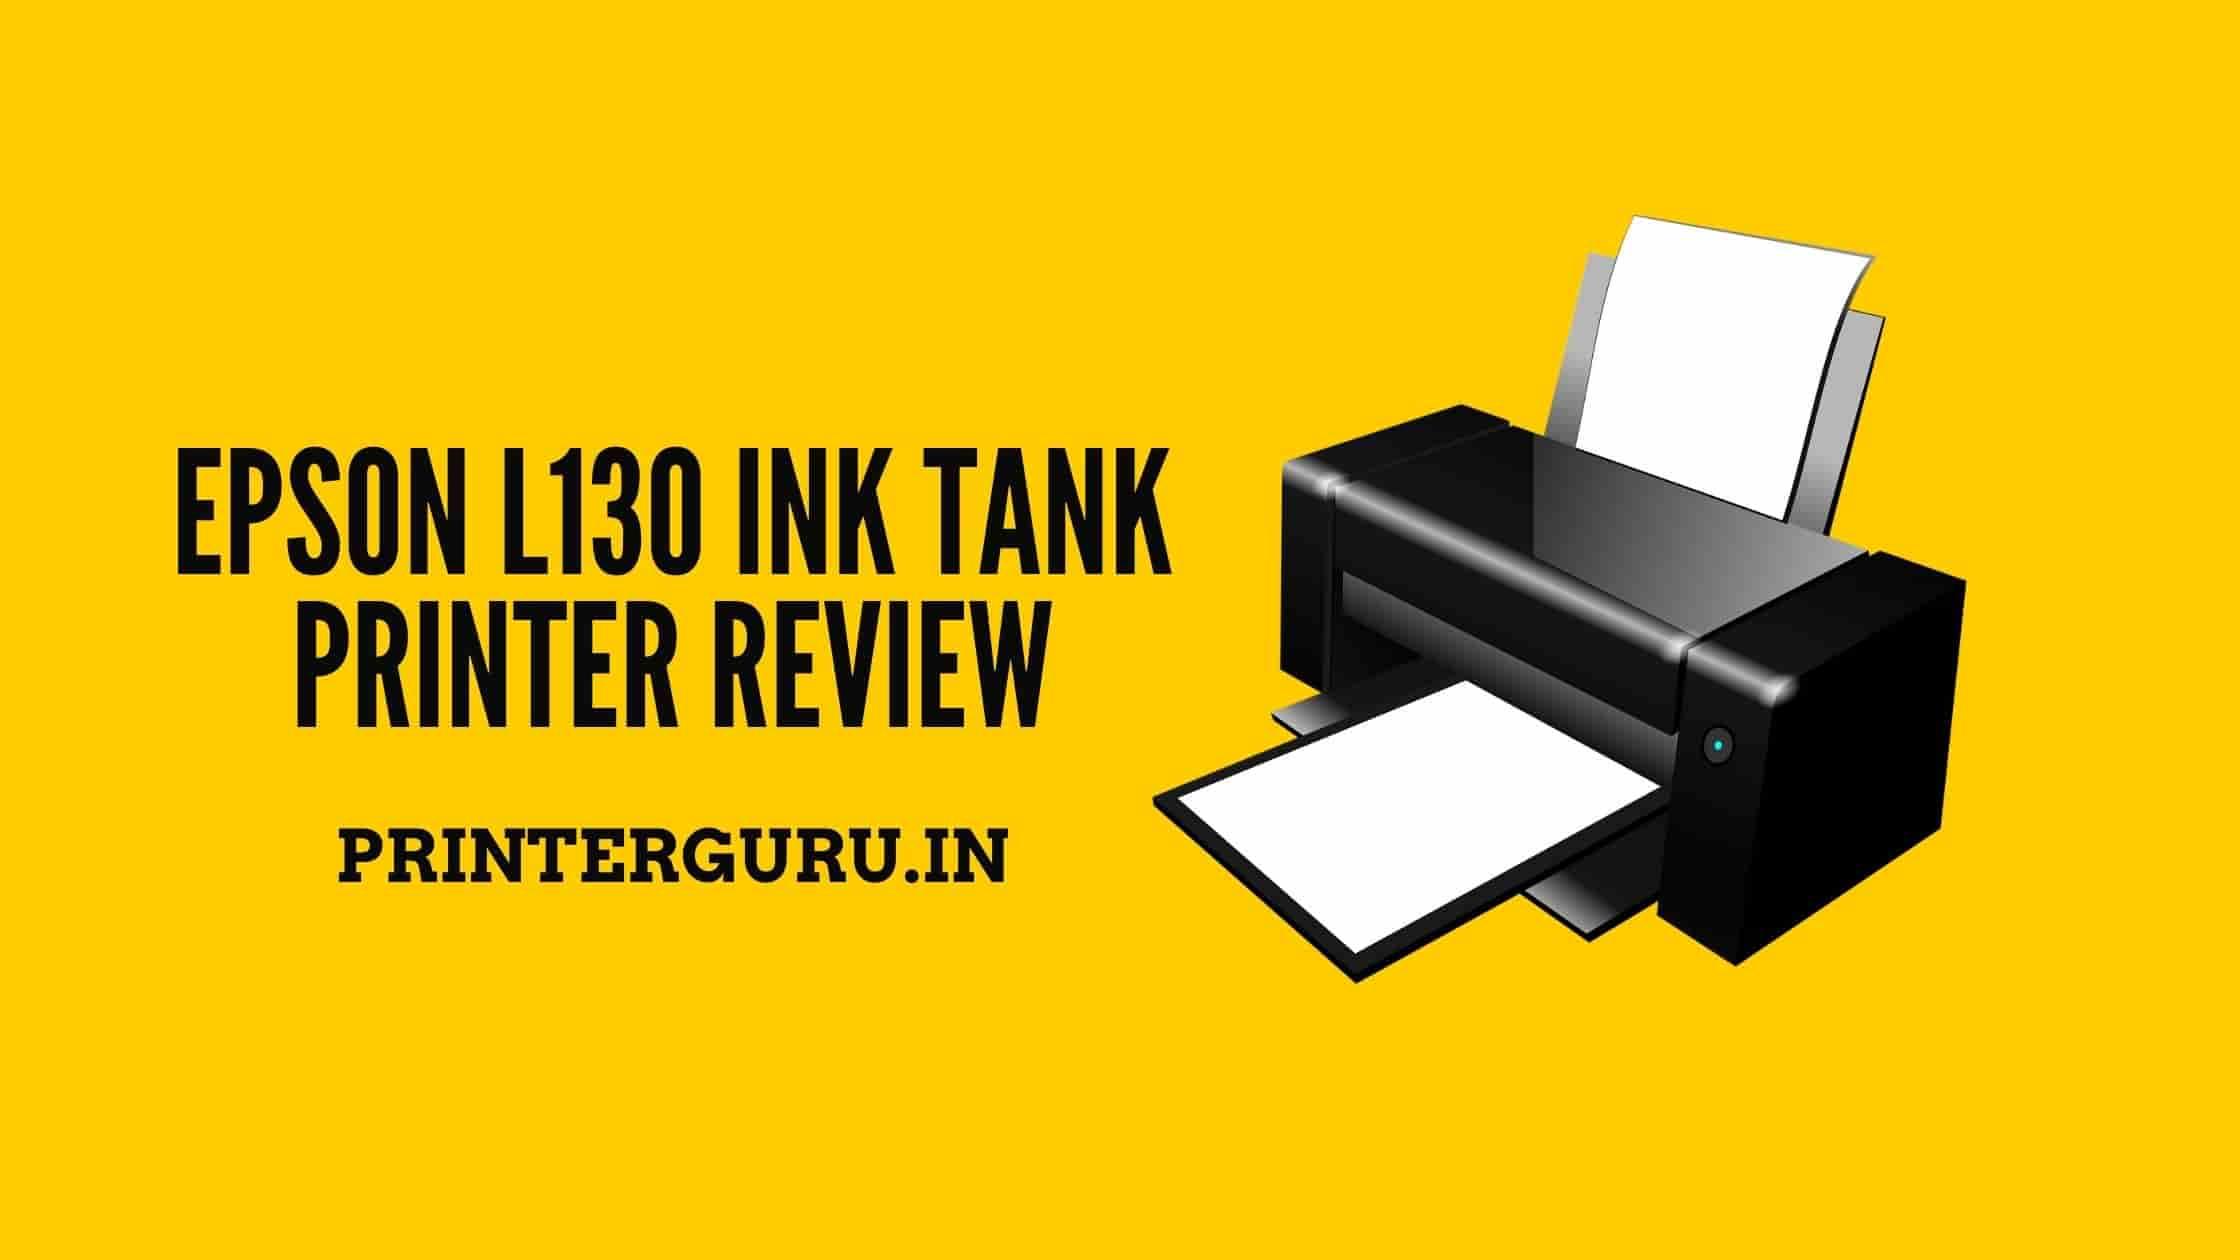 Epson L130 Printer Review